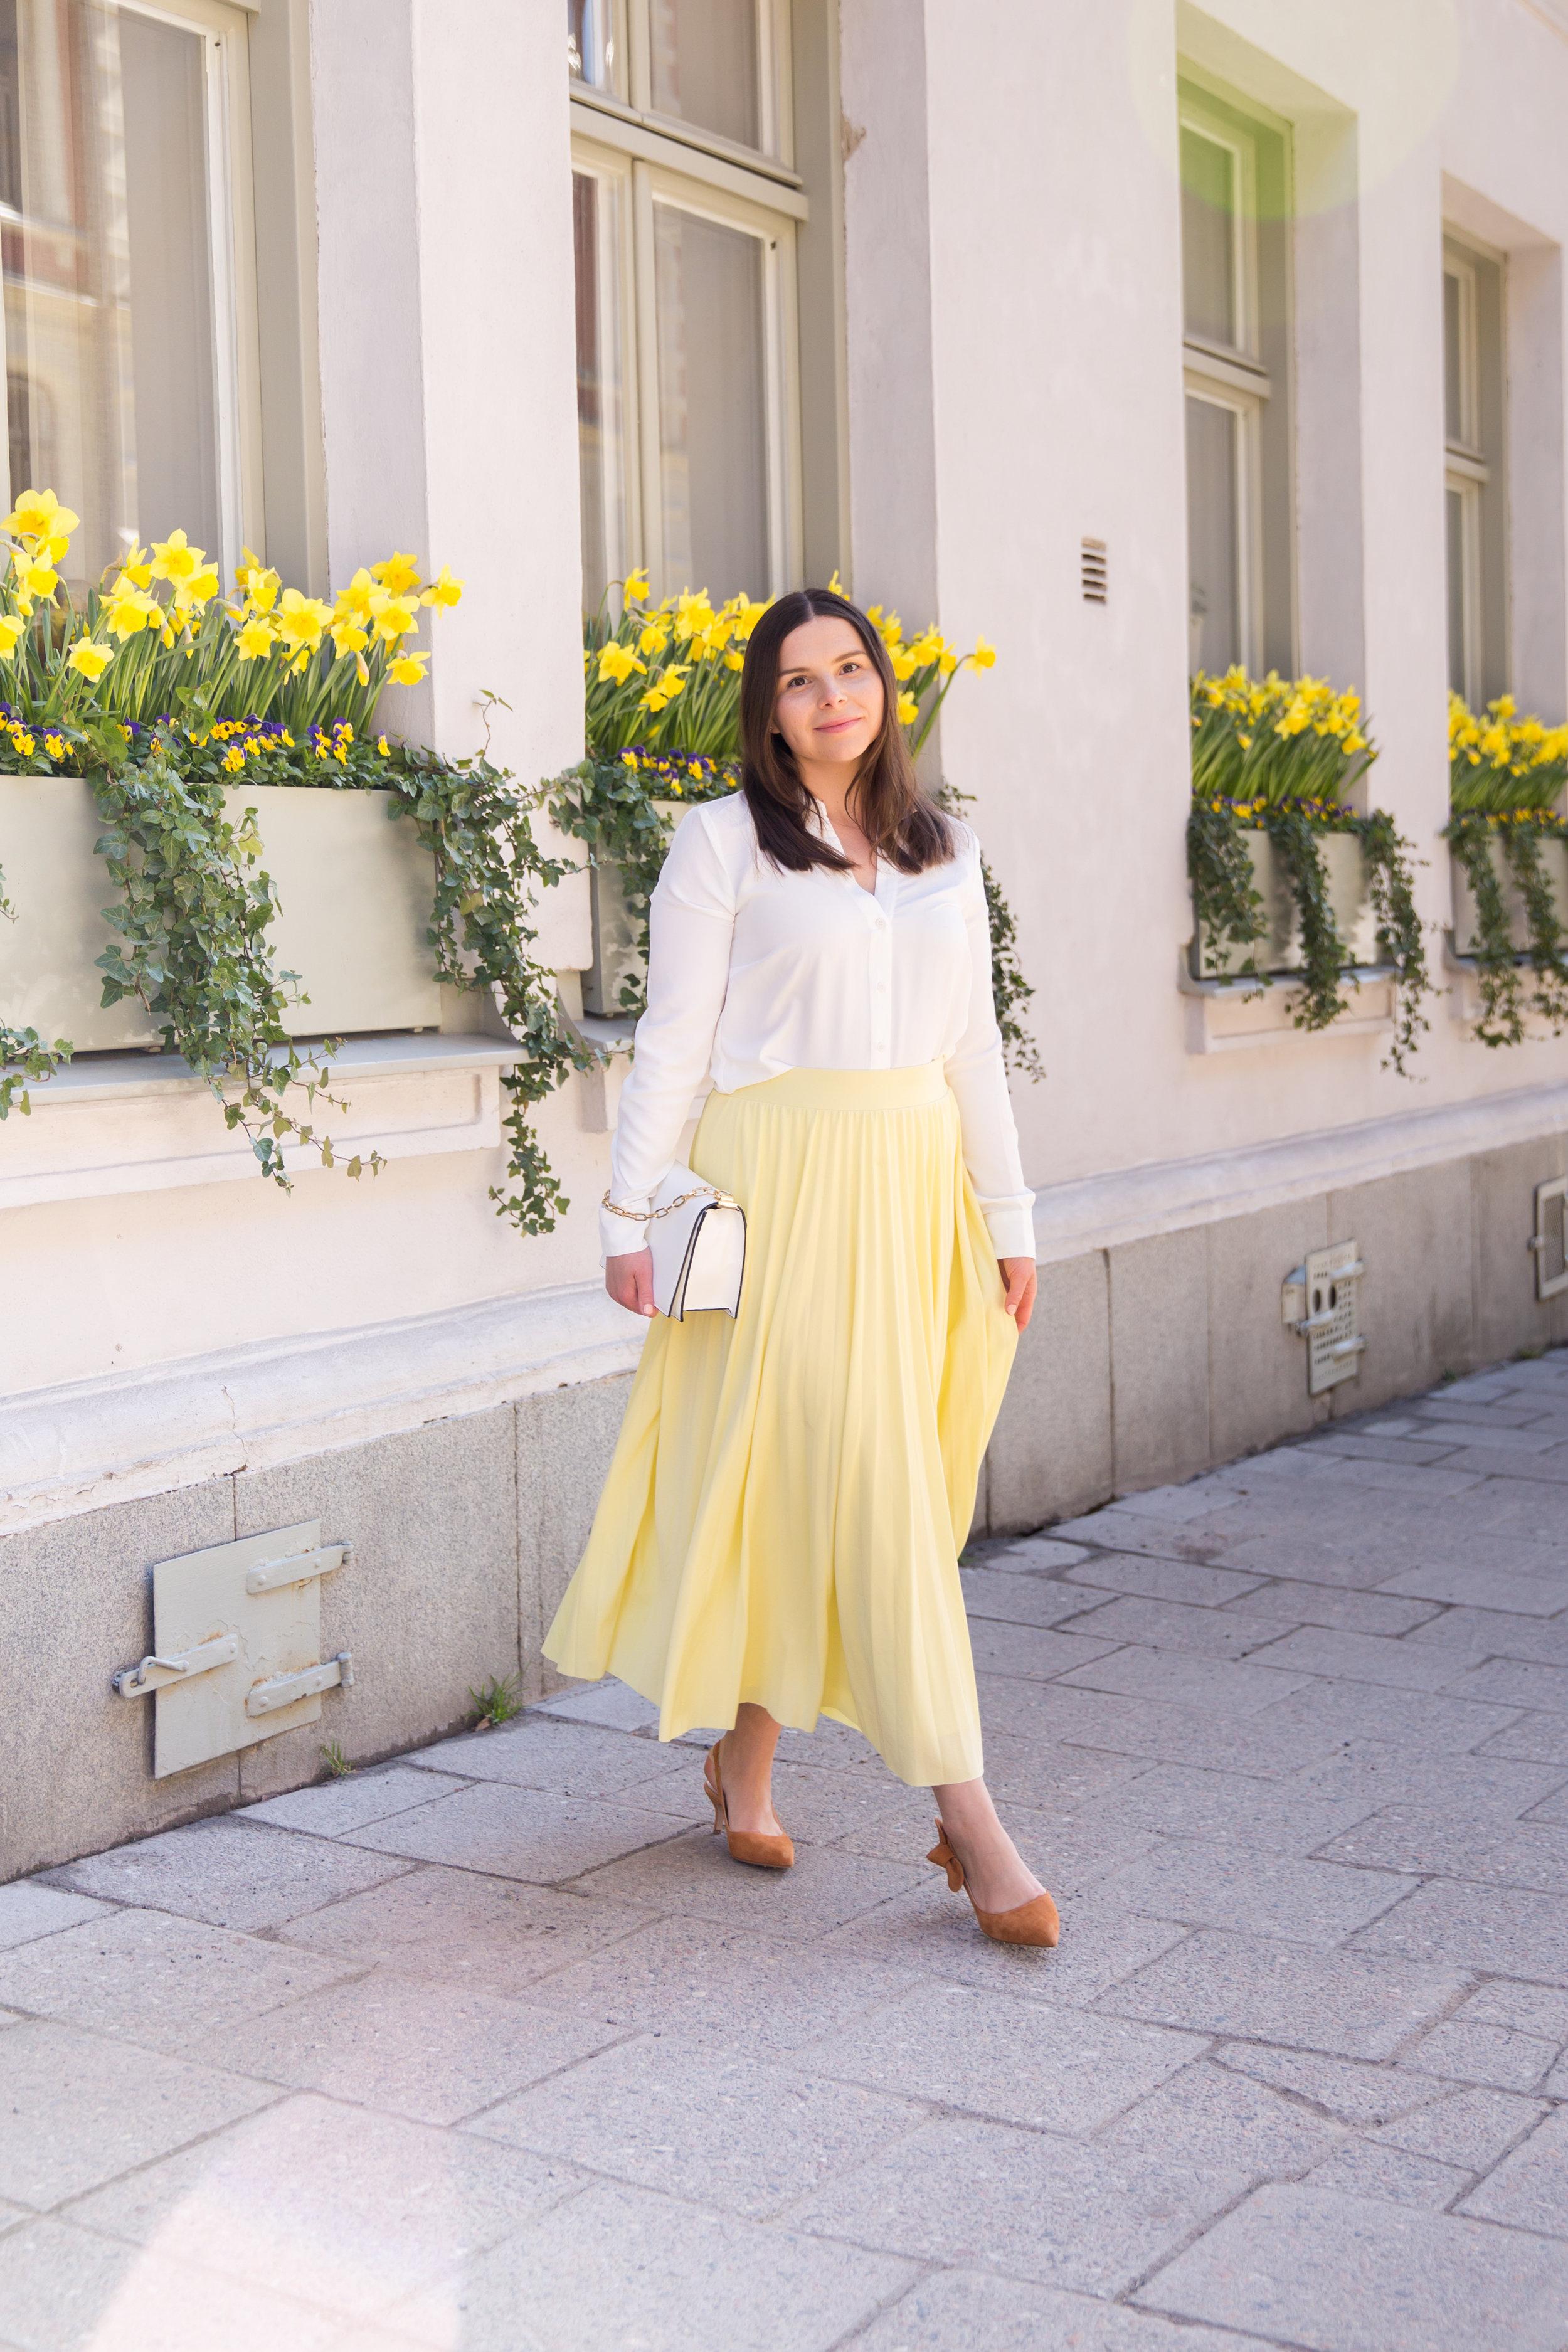 Angelica Aurell Angelicas Closet hm kjol plisserad rizzo pumps.jpg